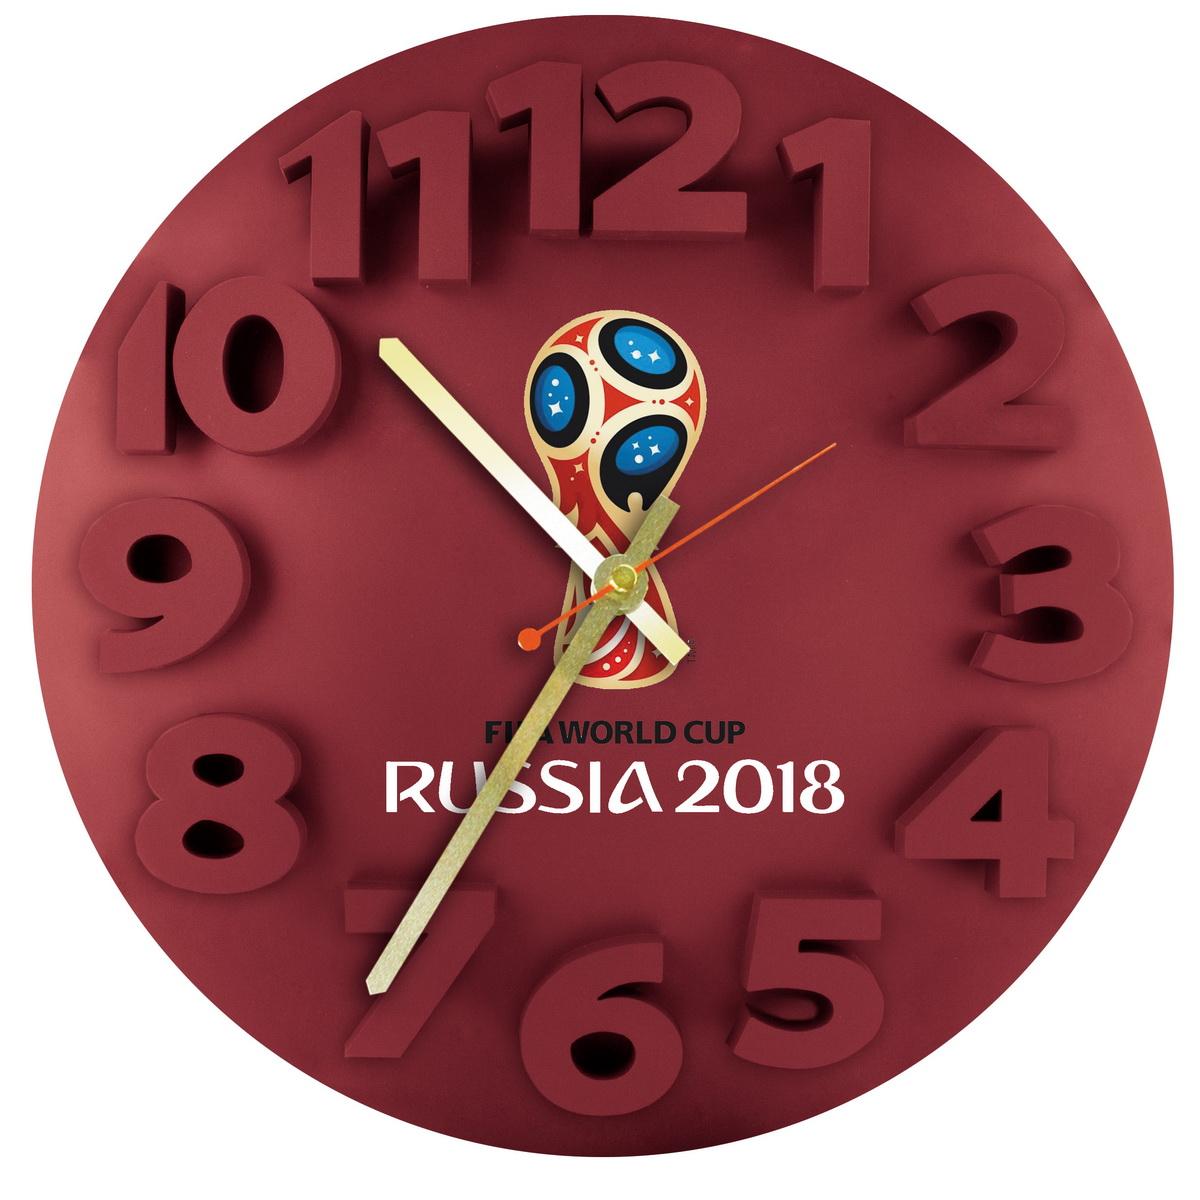 Часы УЕФА 2018 в России